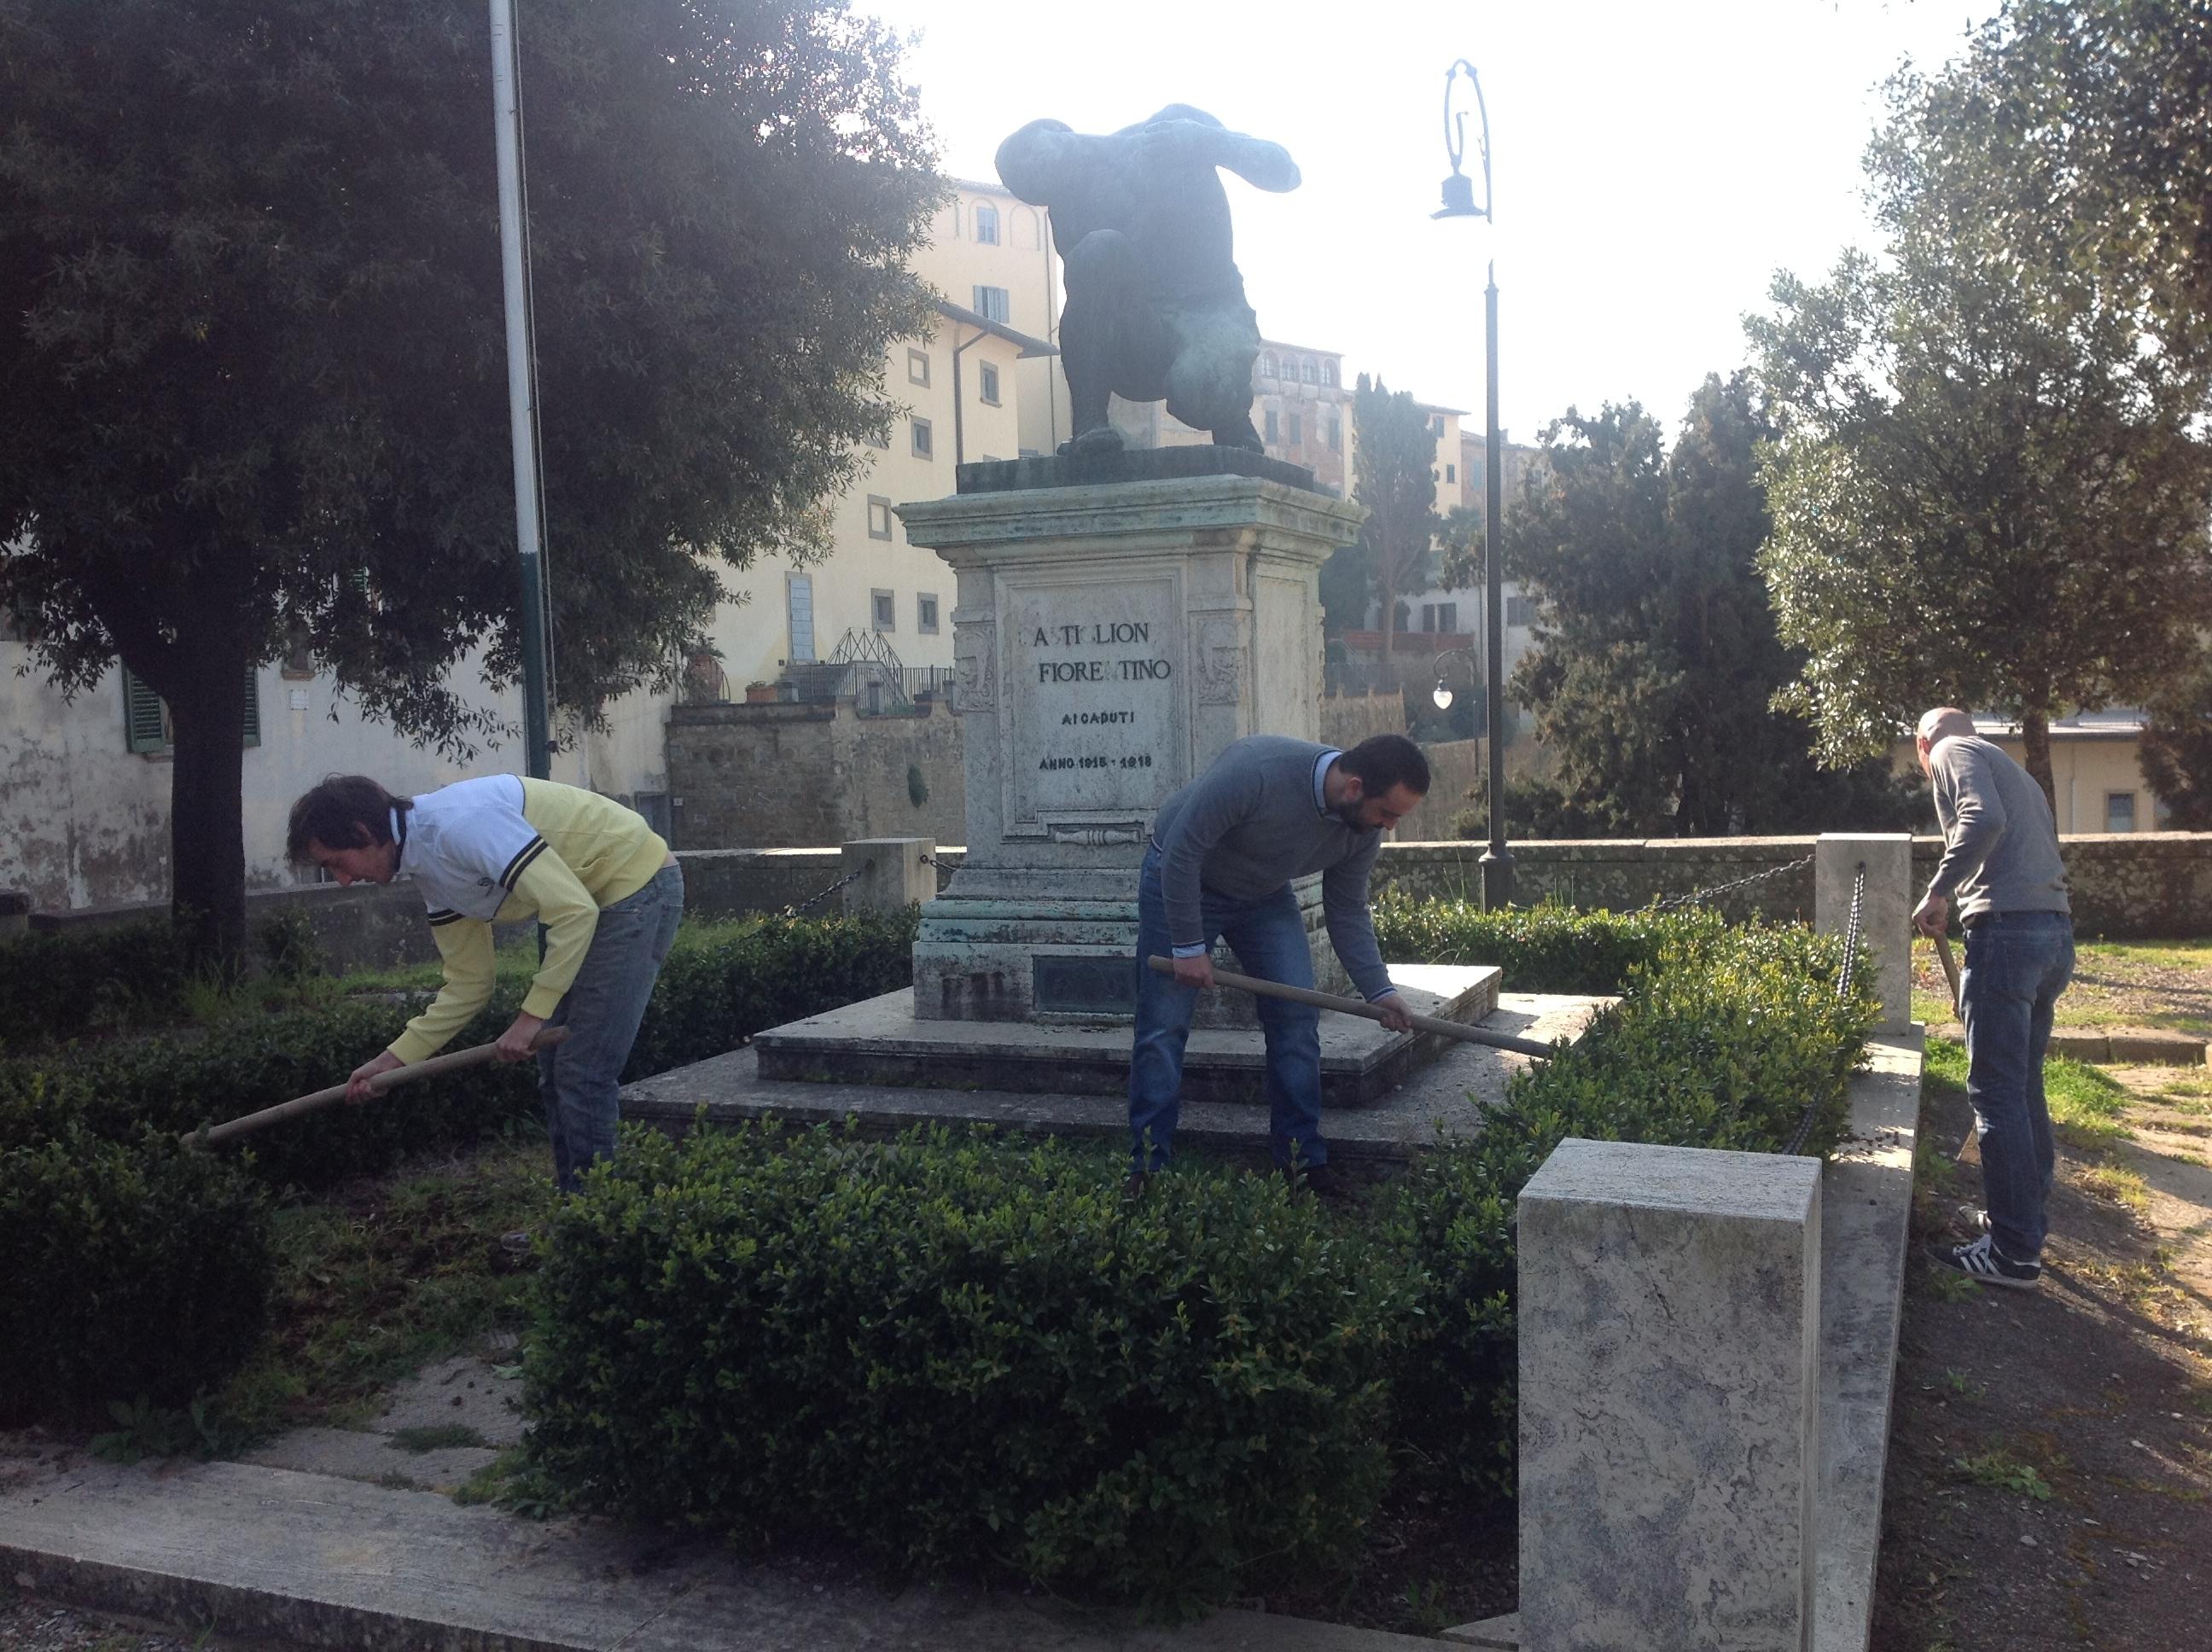 Casa Pound e Kriptonite si prendono cura del Monumento ai Caduti di Castiglion Fiorentino